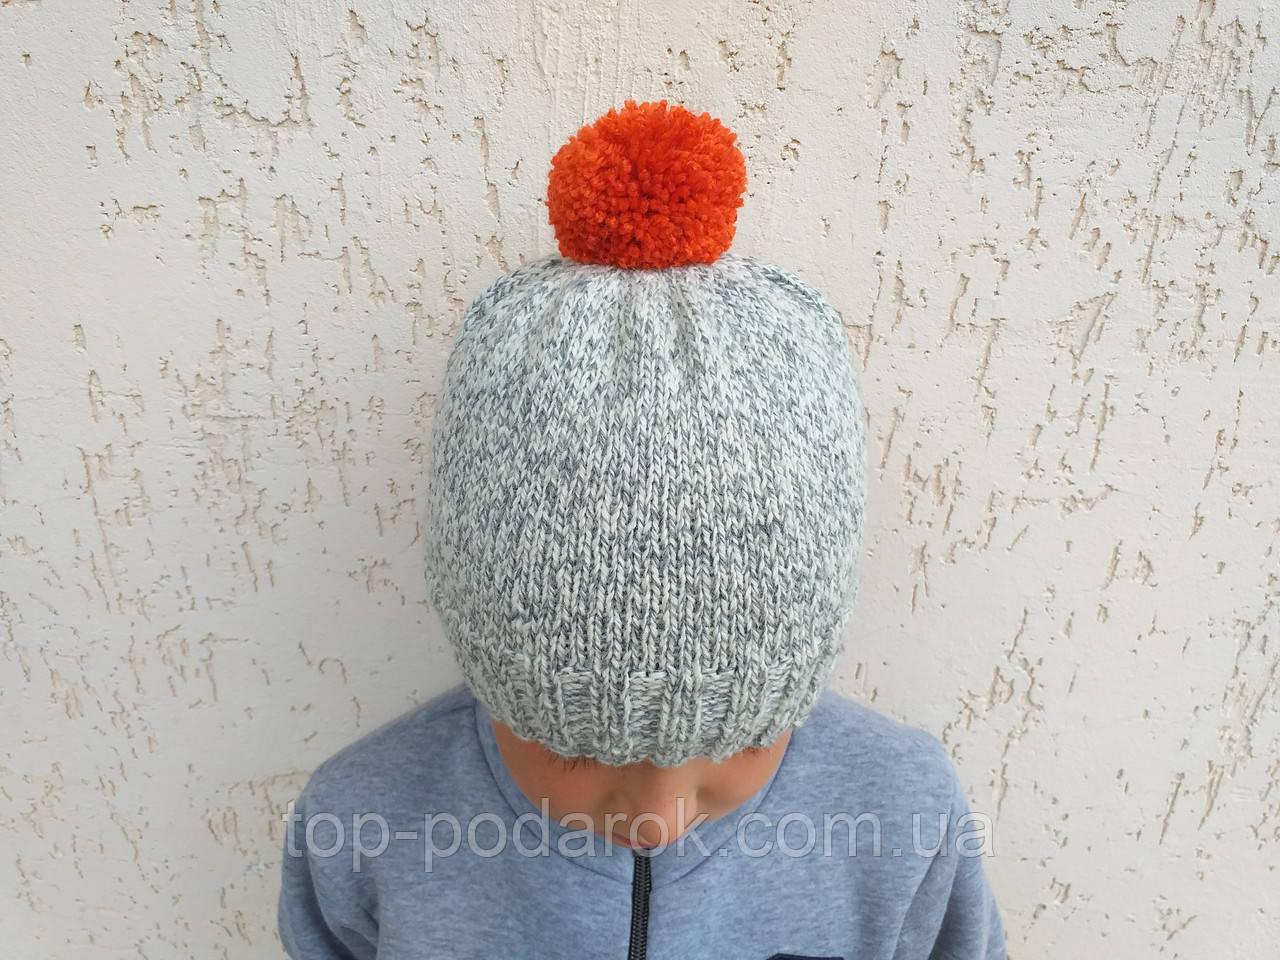 Серая вязанная шапка ручной работы с оранжевым помпоном